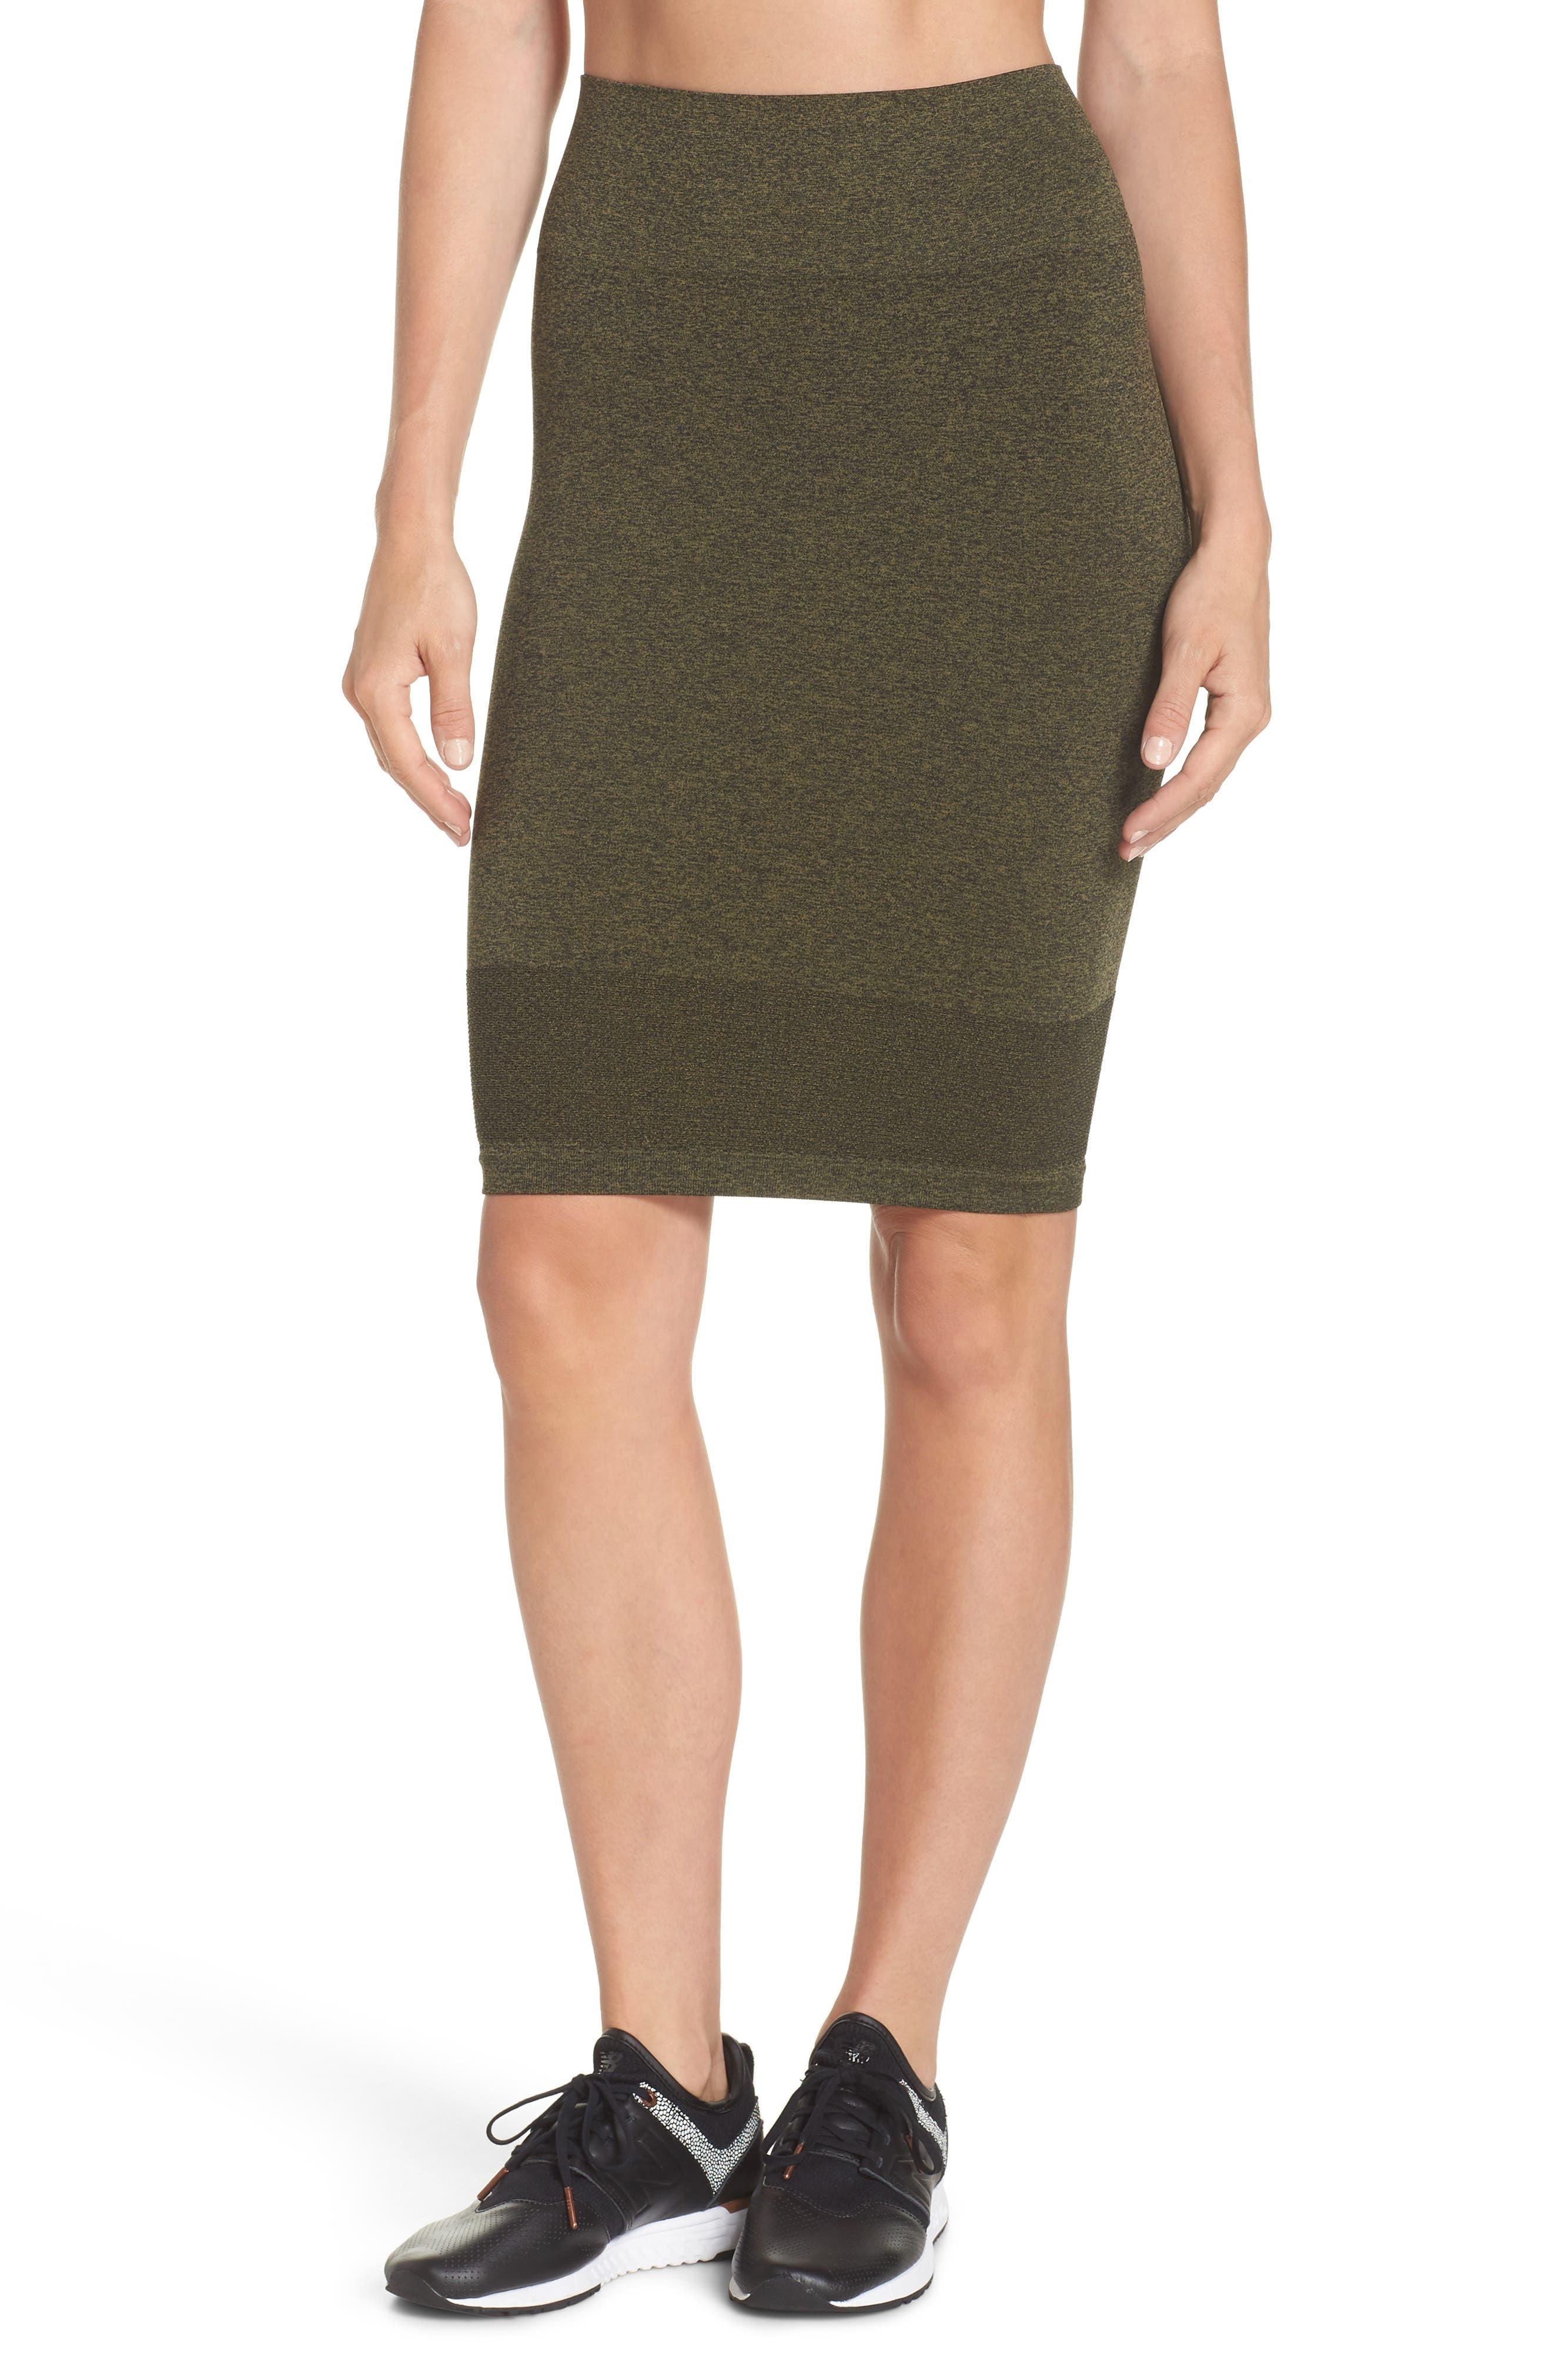 Aura Seamless Skirt,                         Main,                         color, Deep Lichen Green/ Black